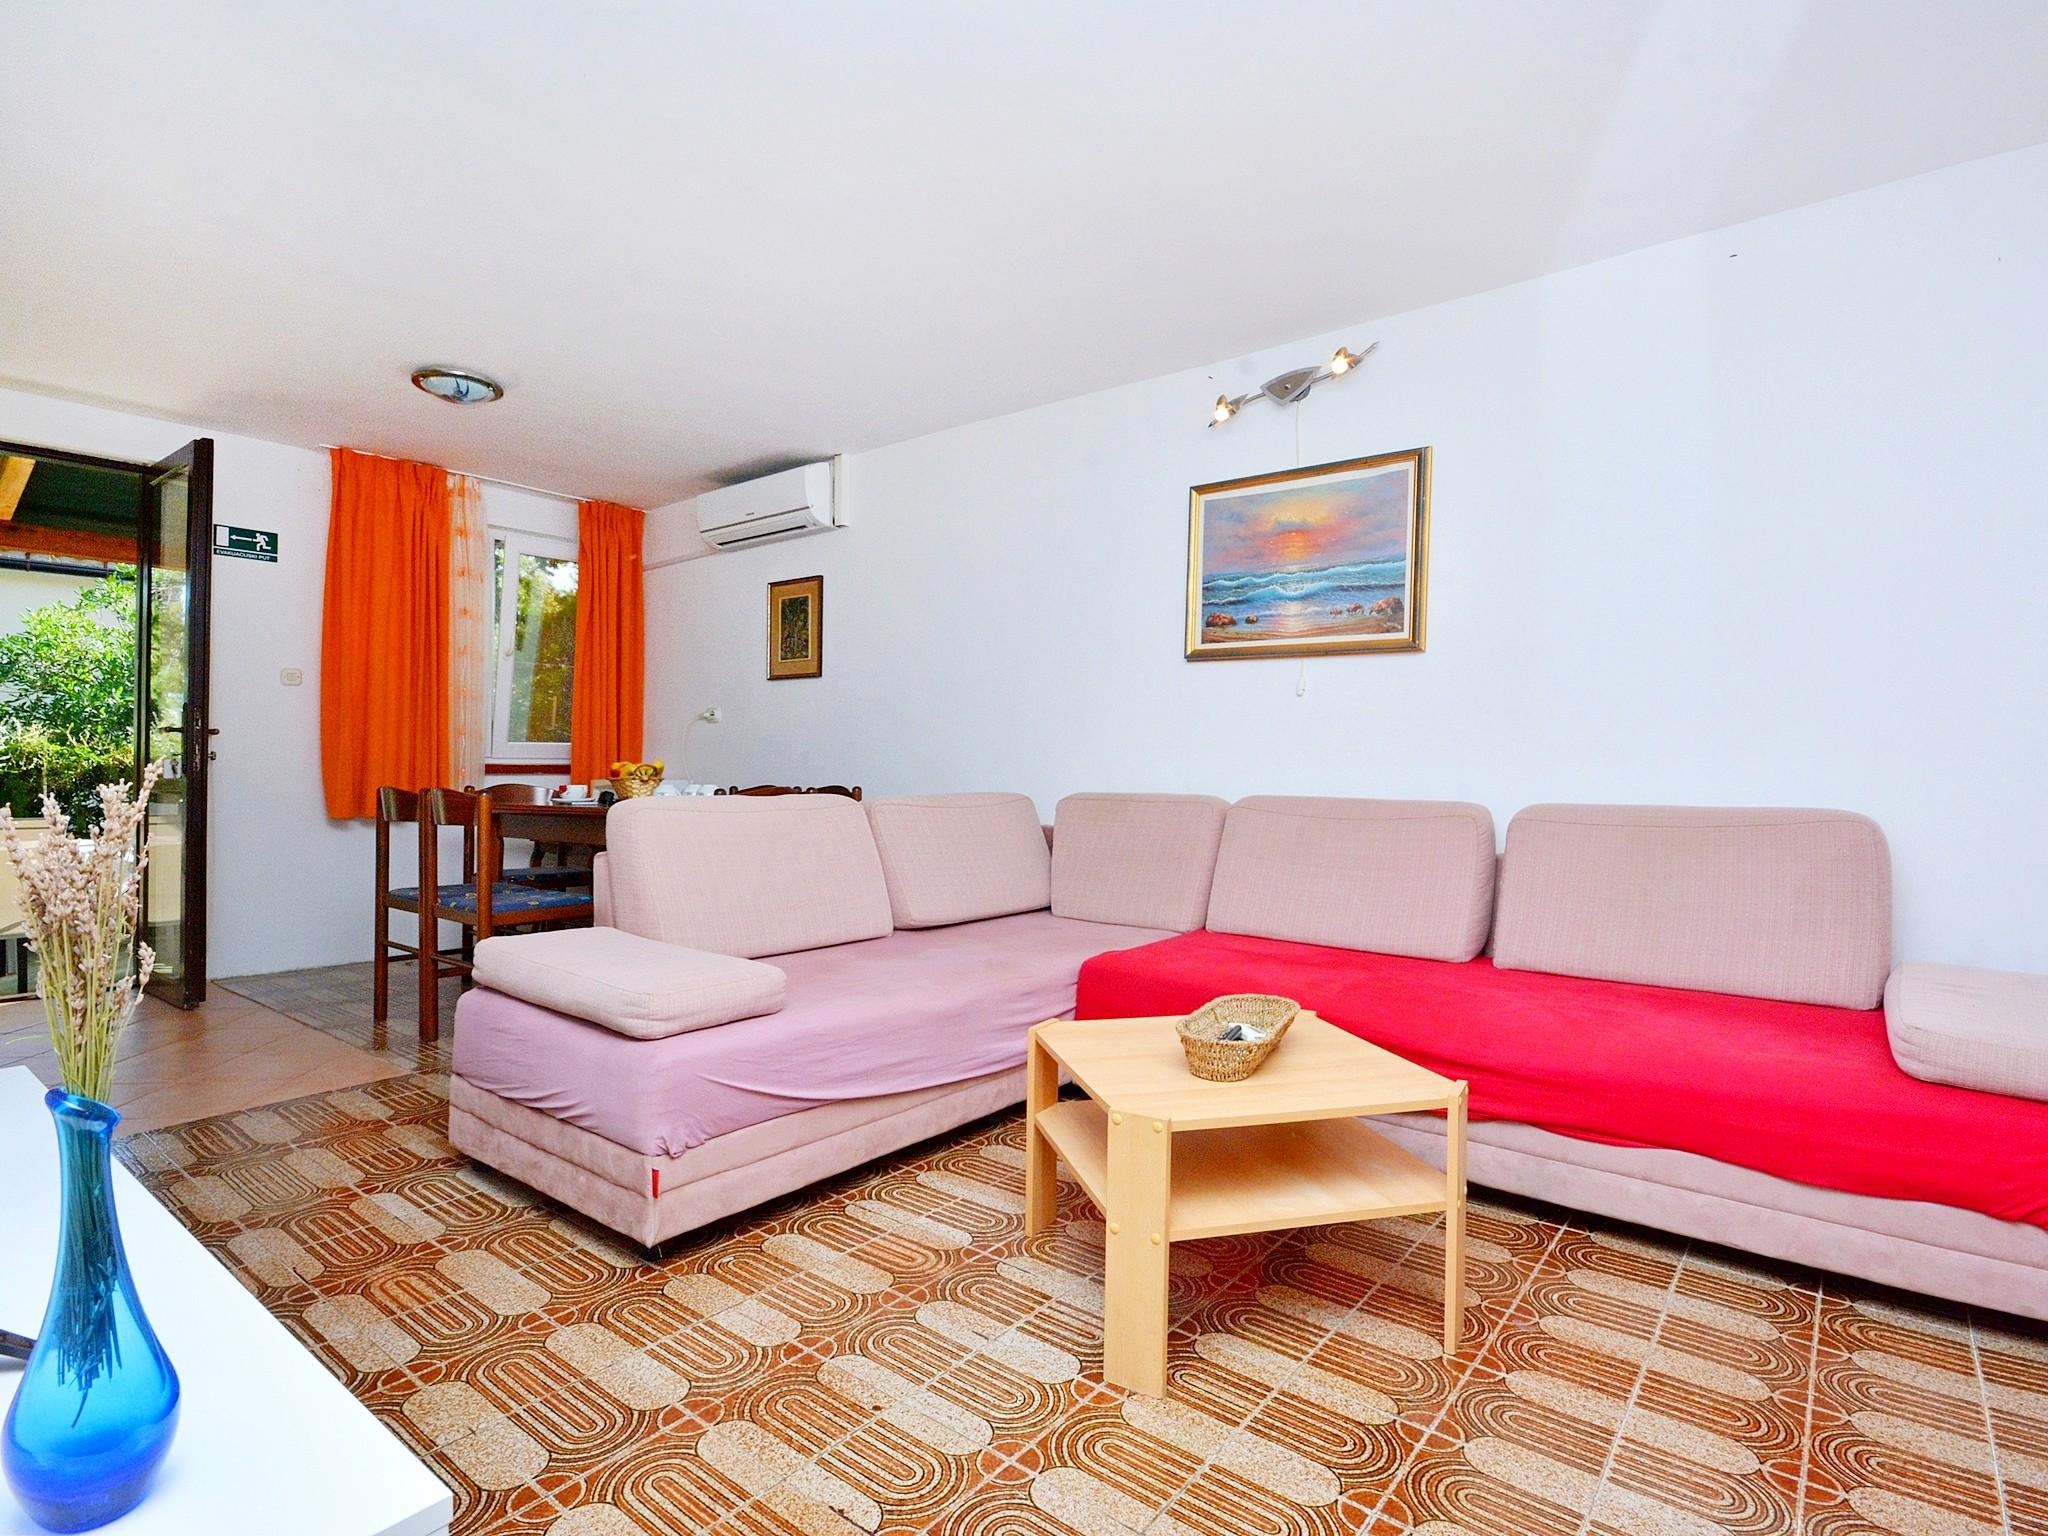 Ferienwohnung Ferienwohnungen Duaan, Apartman A4 (942266), Vrbanj, Insel Hvar, Dalmatien, Kroatien, Bild 12